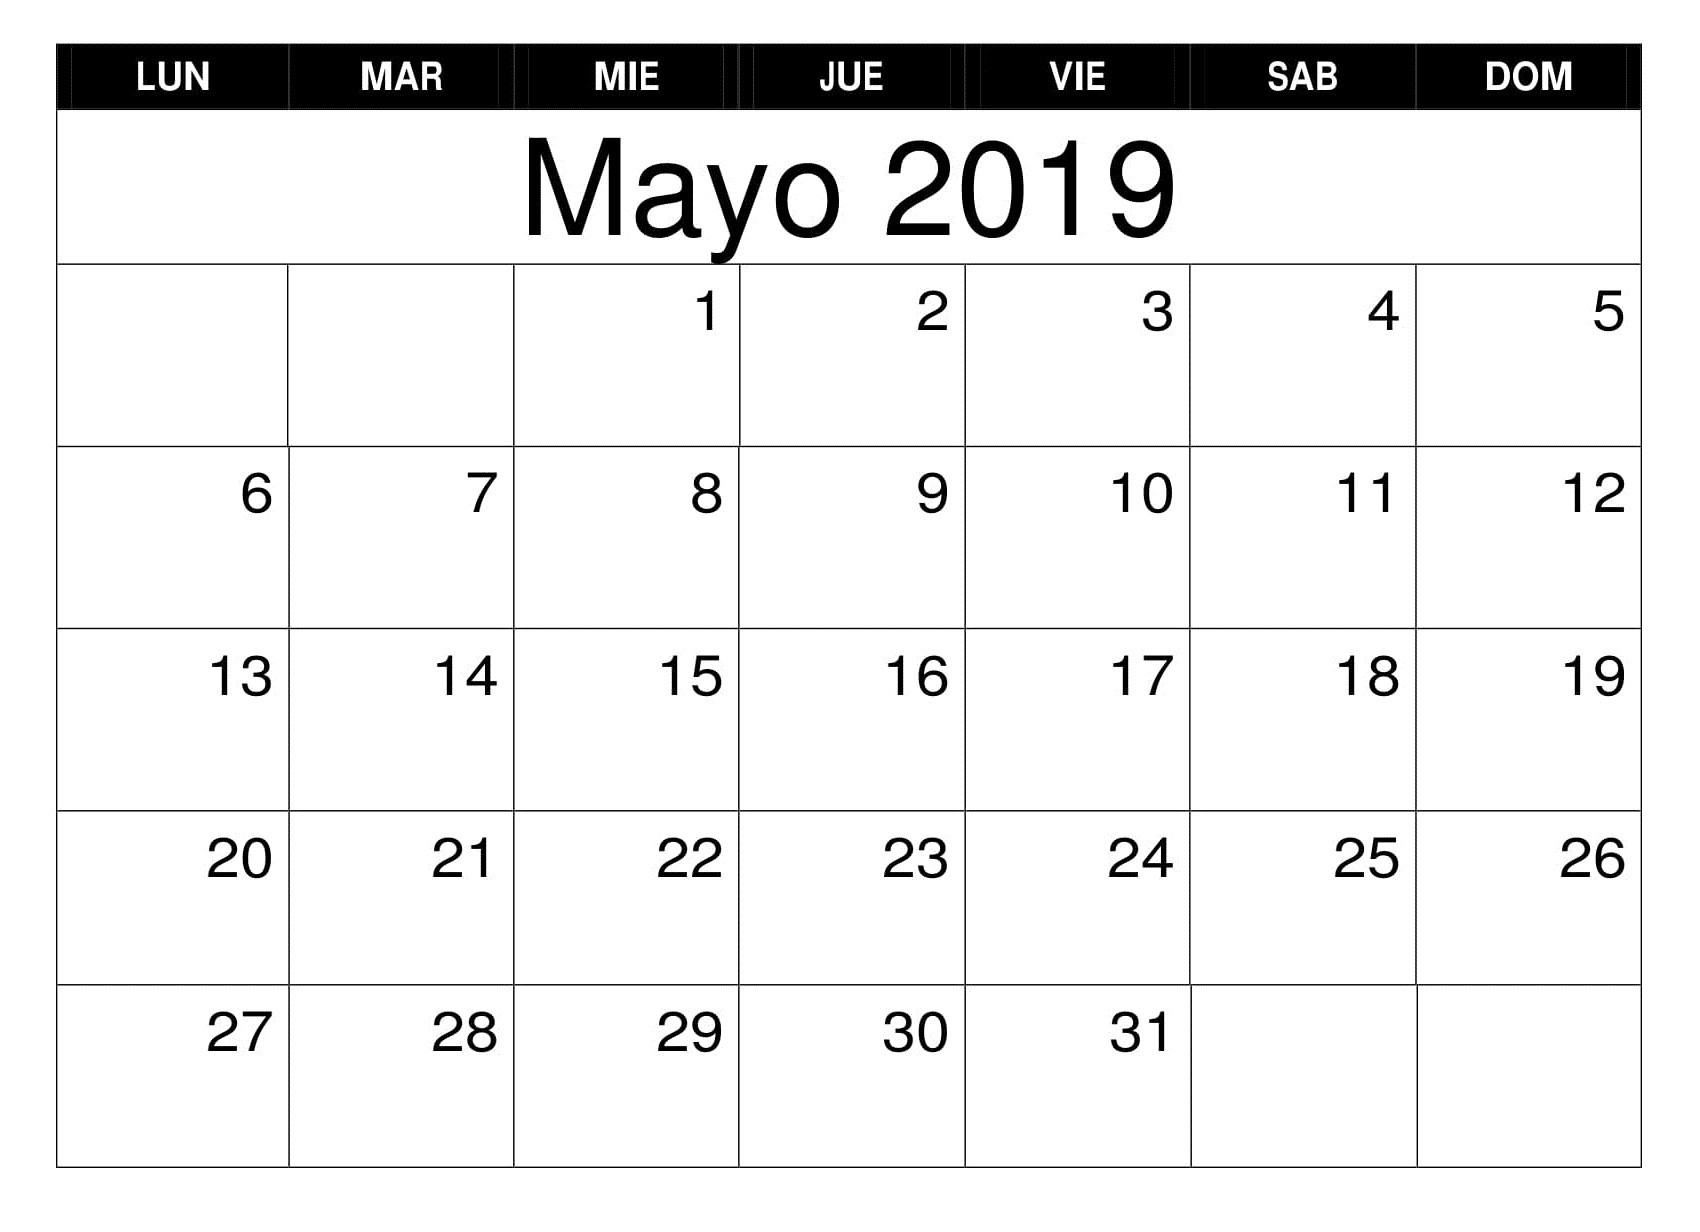 Calendario 2019 Com Feriado Para Imprimir Actual Calendario Diciembre De 2019 53ld Calendario T Of Calendario 2019 Com Feriado Para Imprimir Actual Calendario 2019 En Espaol Para Imprimir Gratis Jumabu T